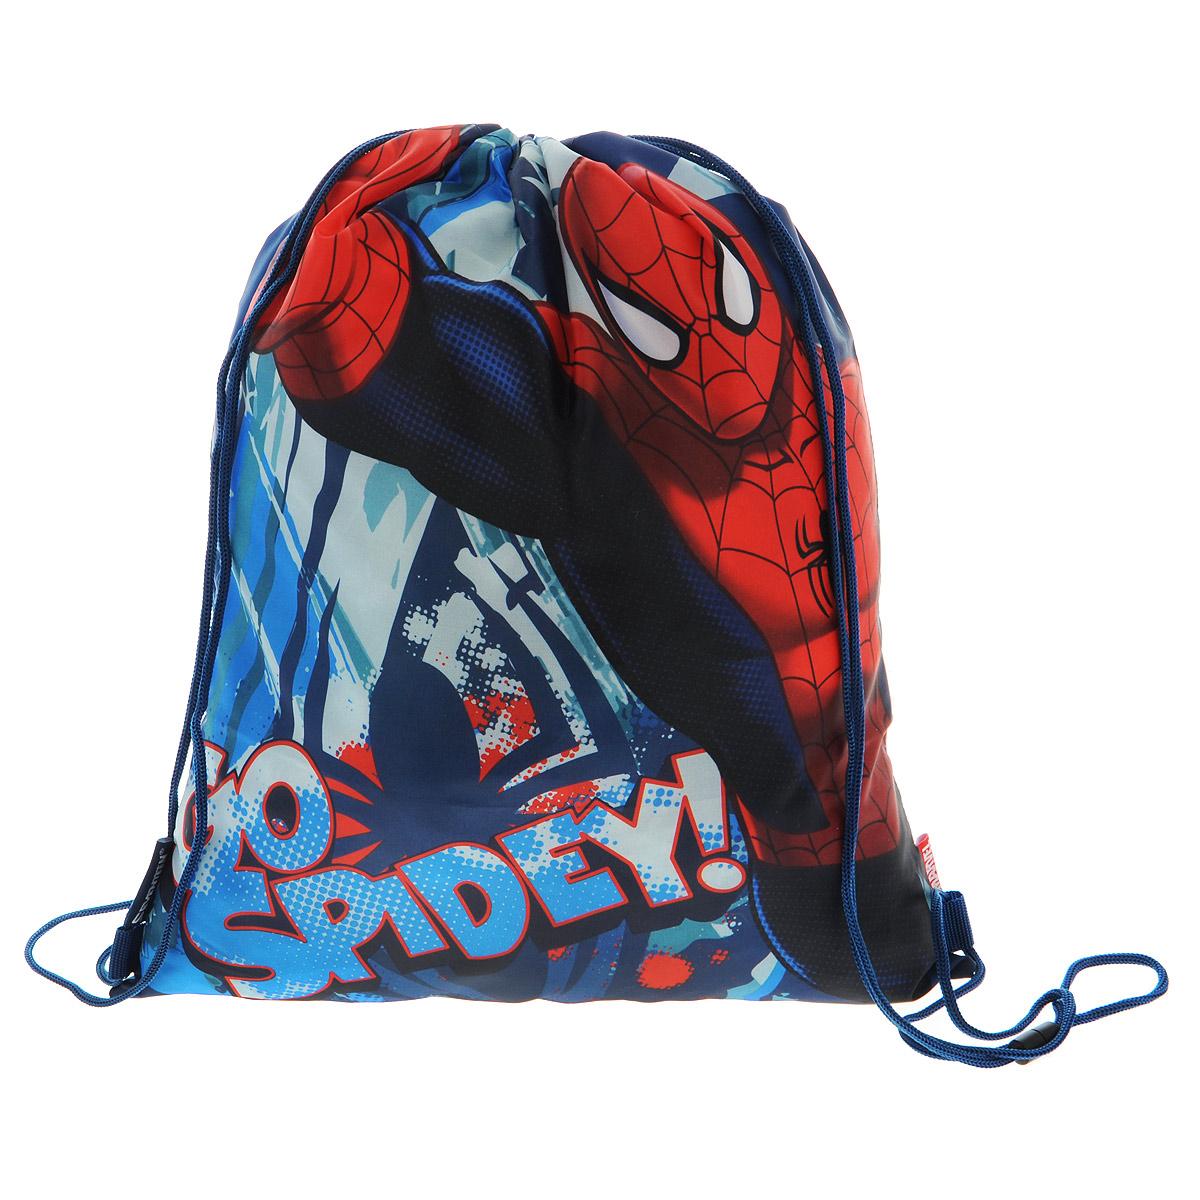 Spider-Man Сумка для сменной обуви Spider-man Classic цвет синий красный tobin paul spider man